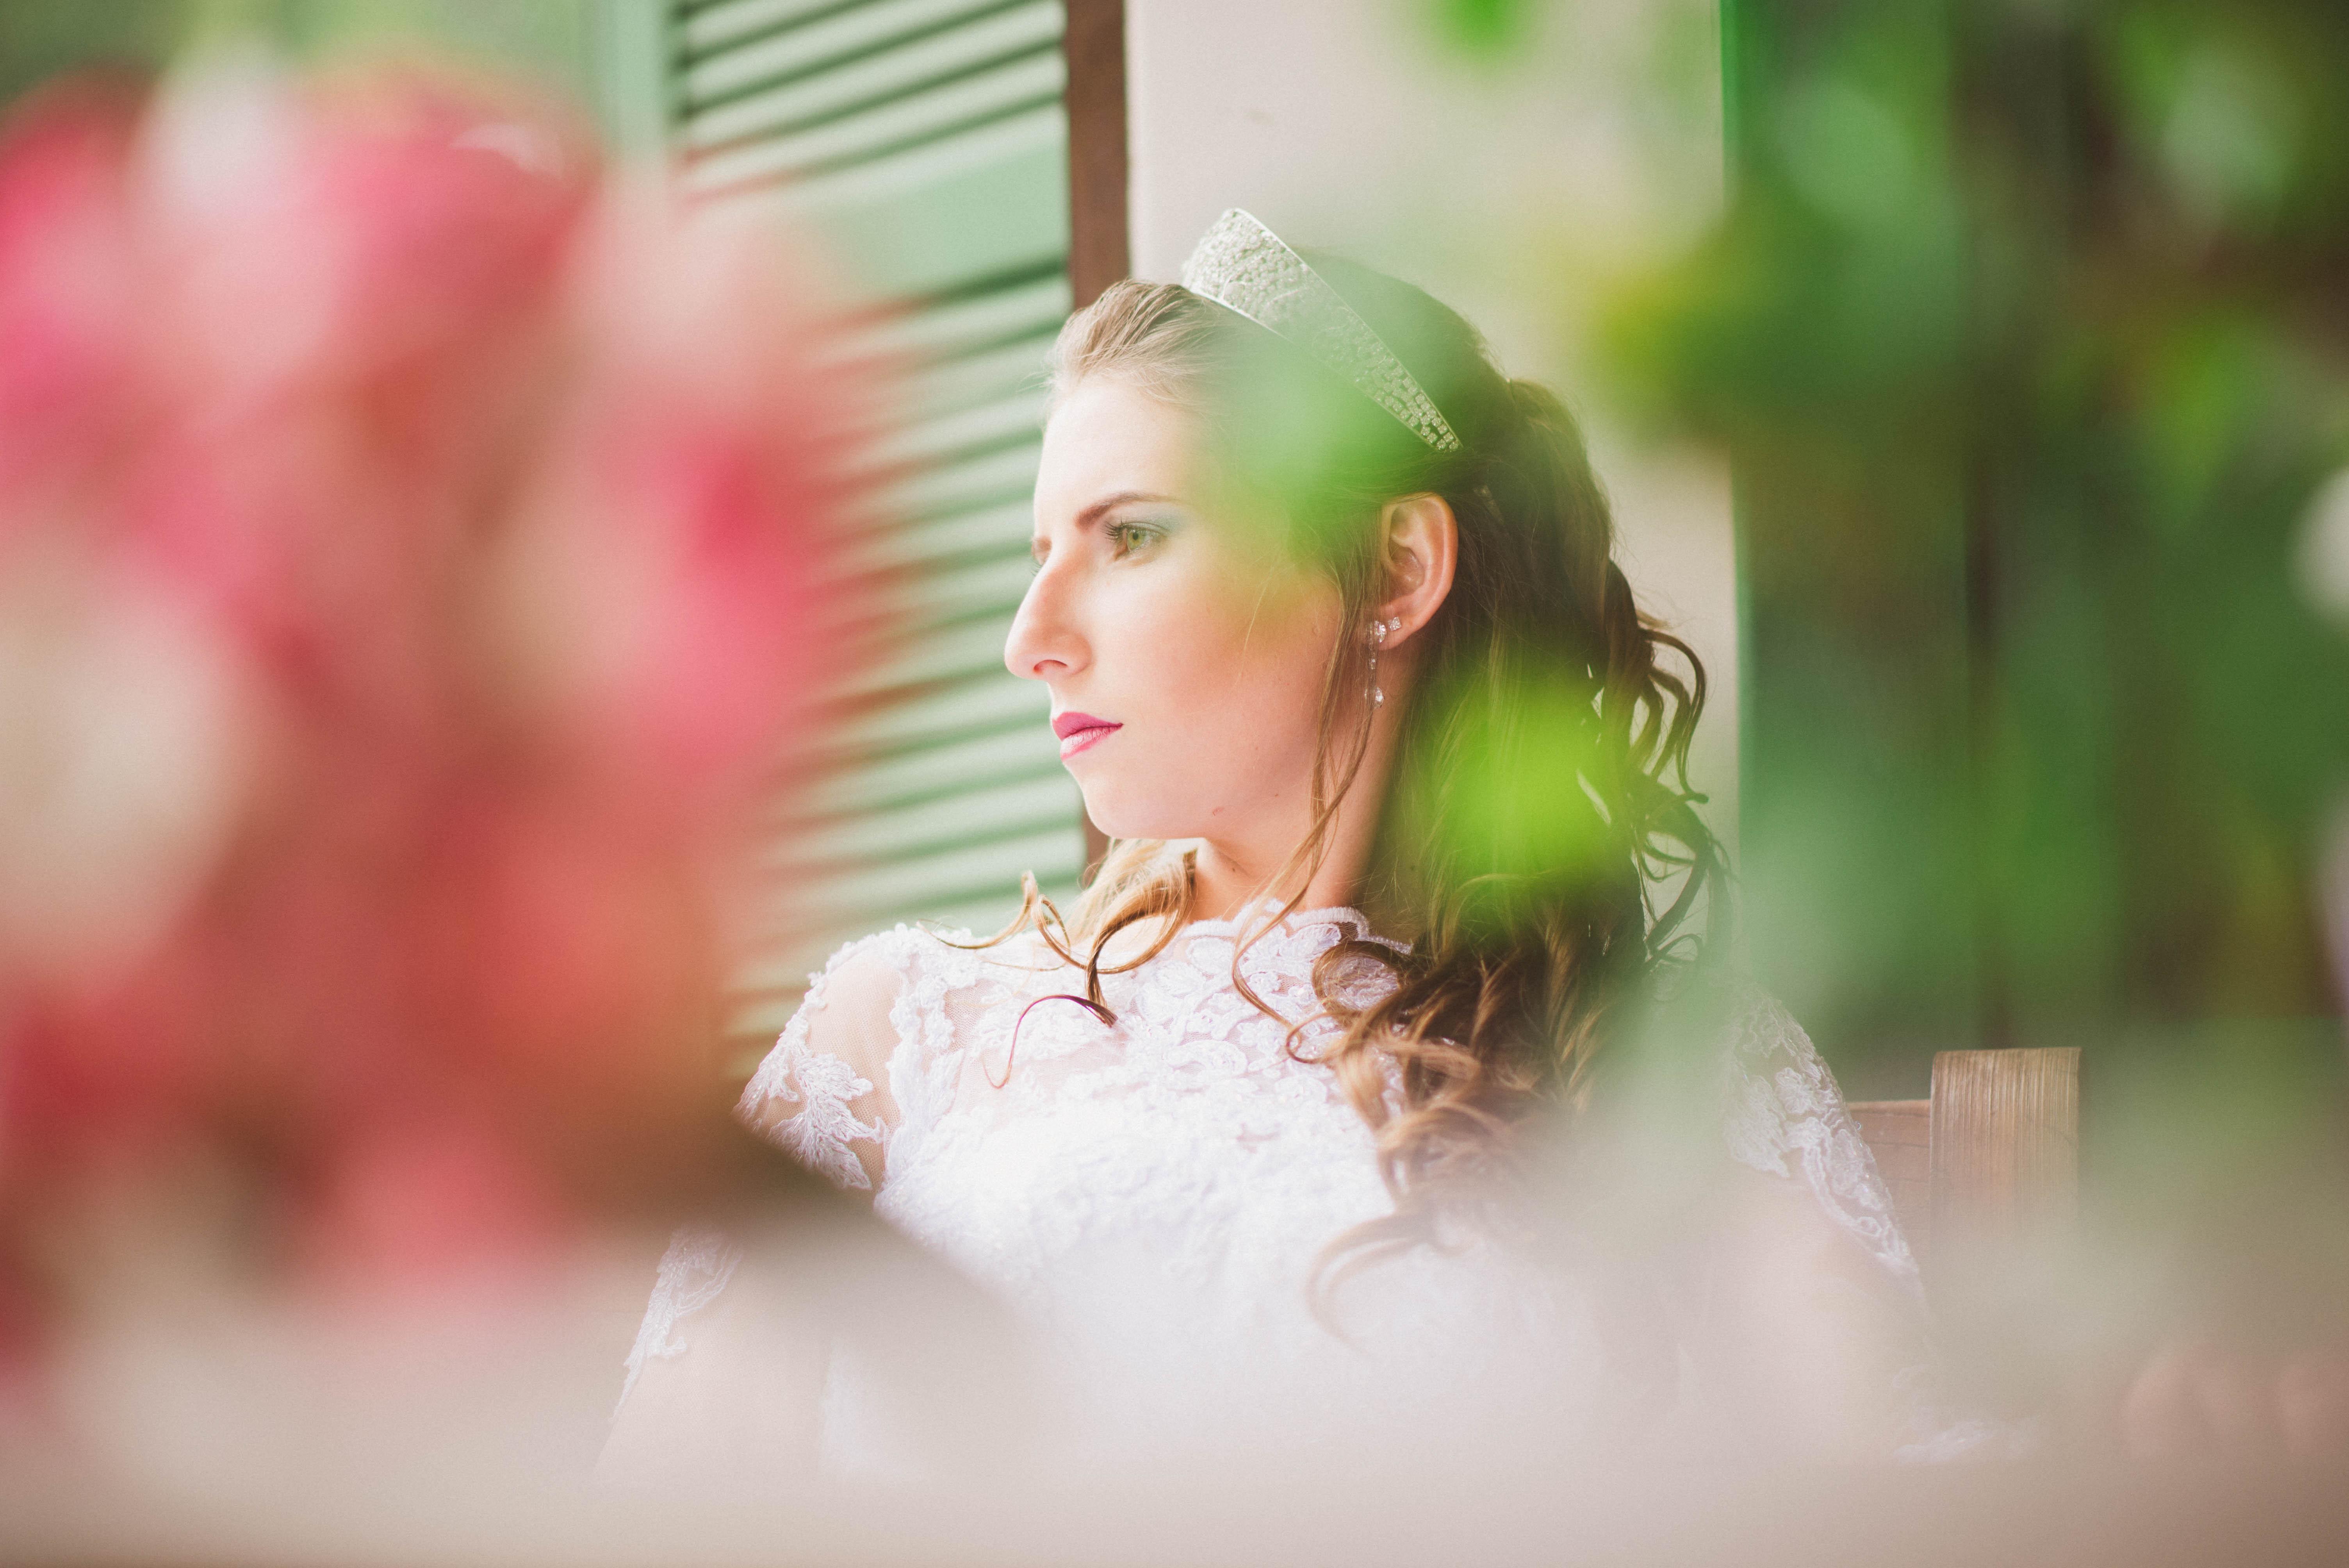 Find a Click fotografia de casamento cariacica es-3